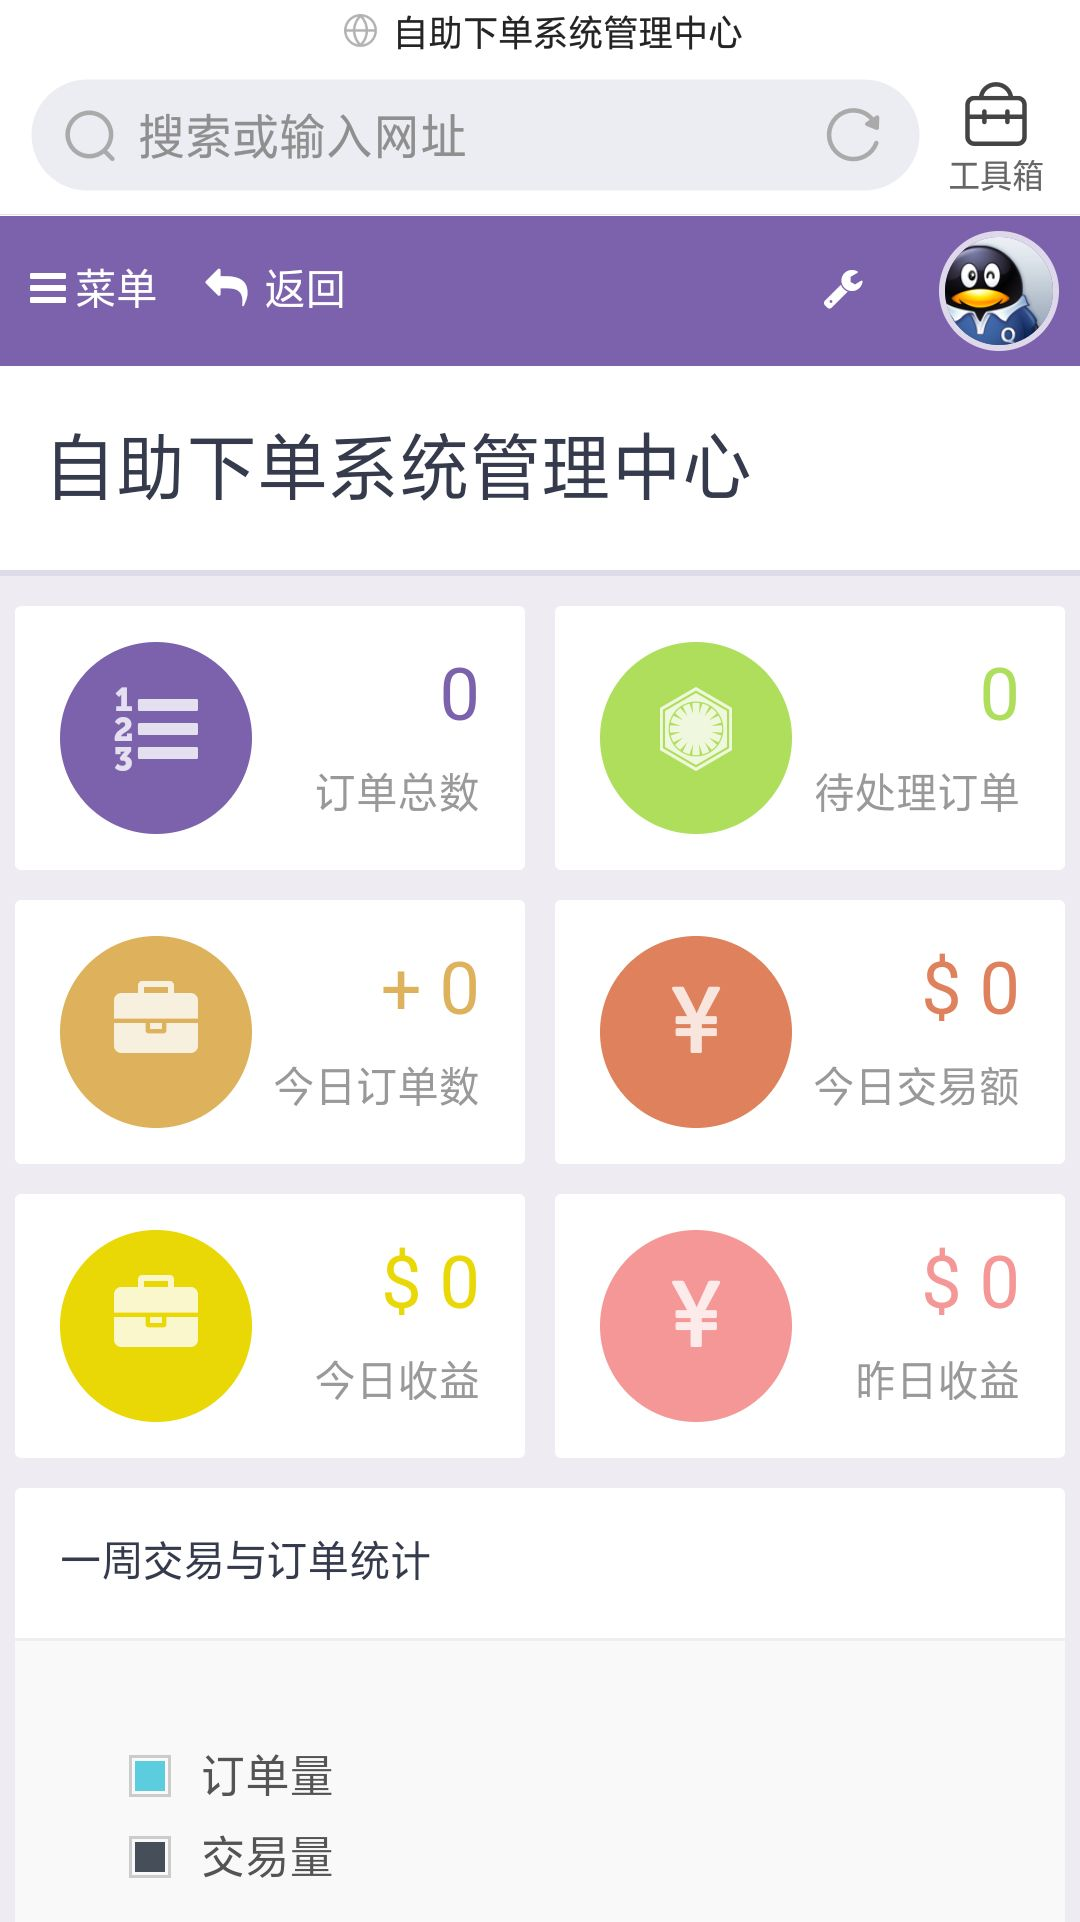 彩虹商城最新6.6免授权版全网首发